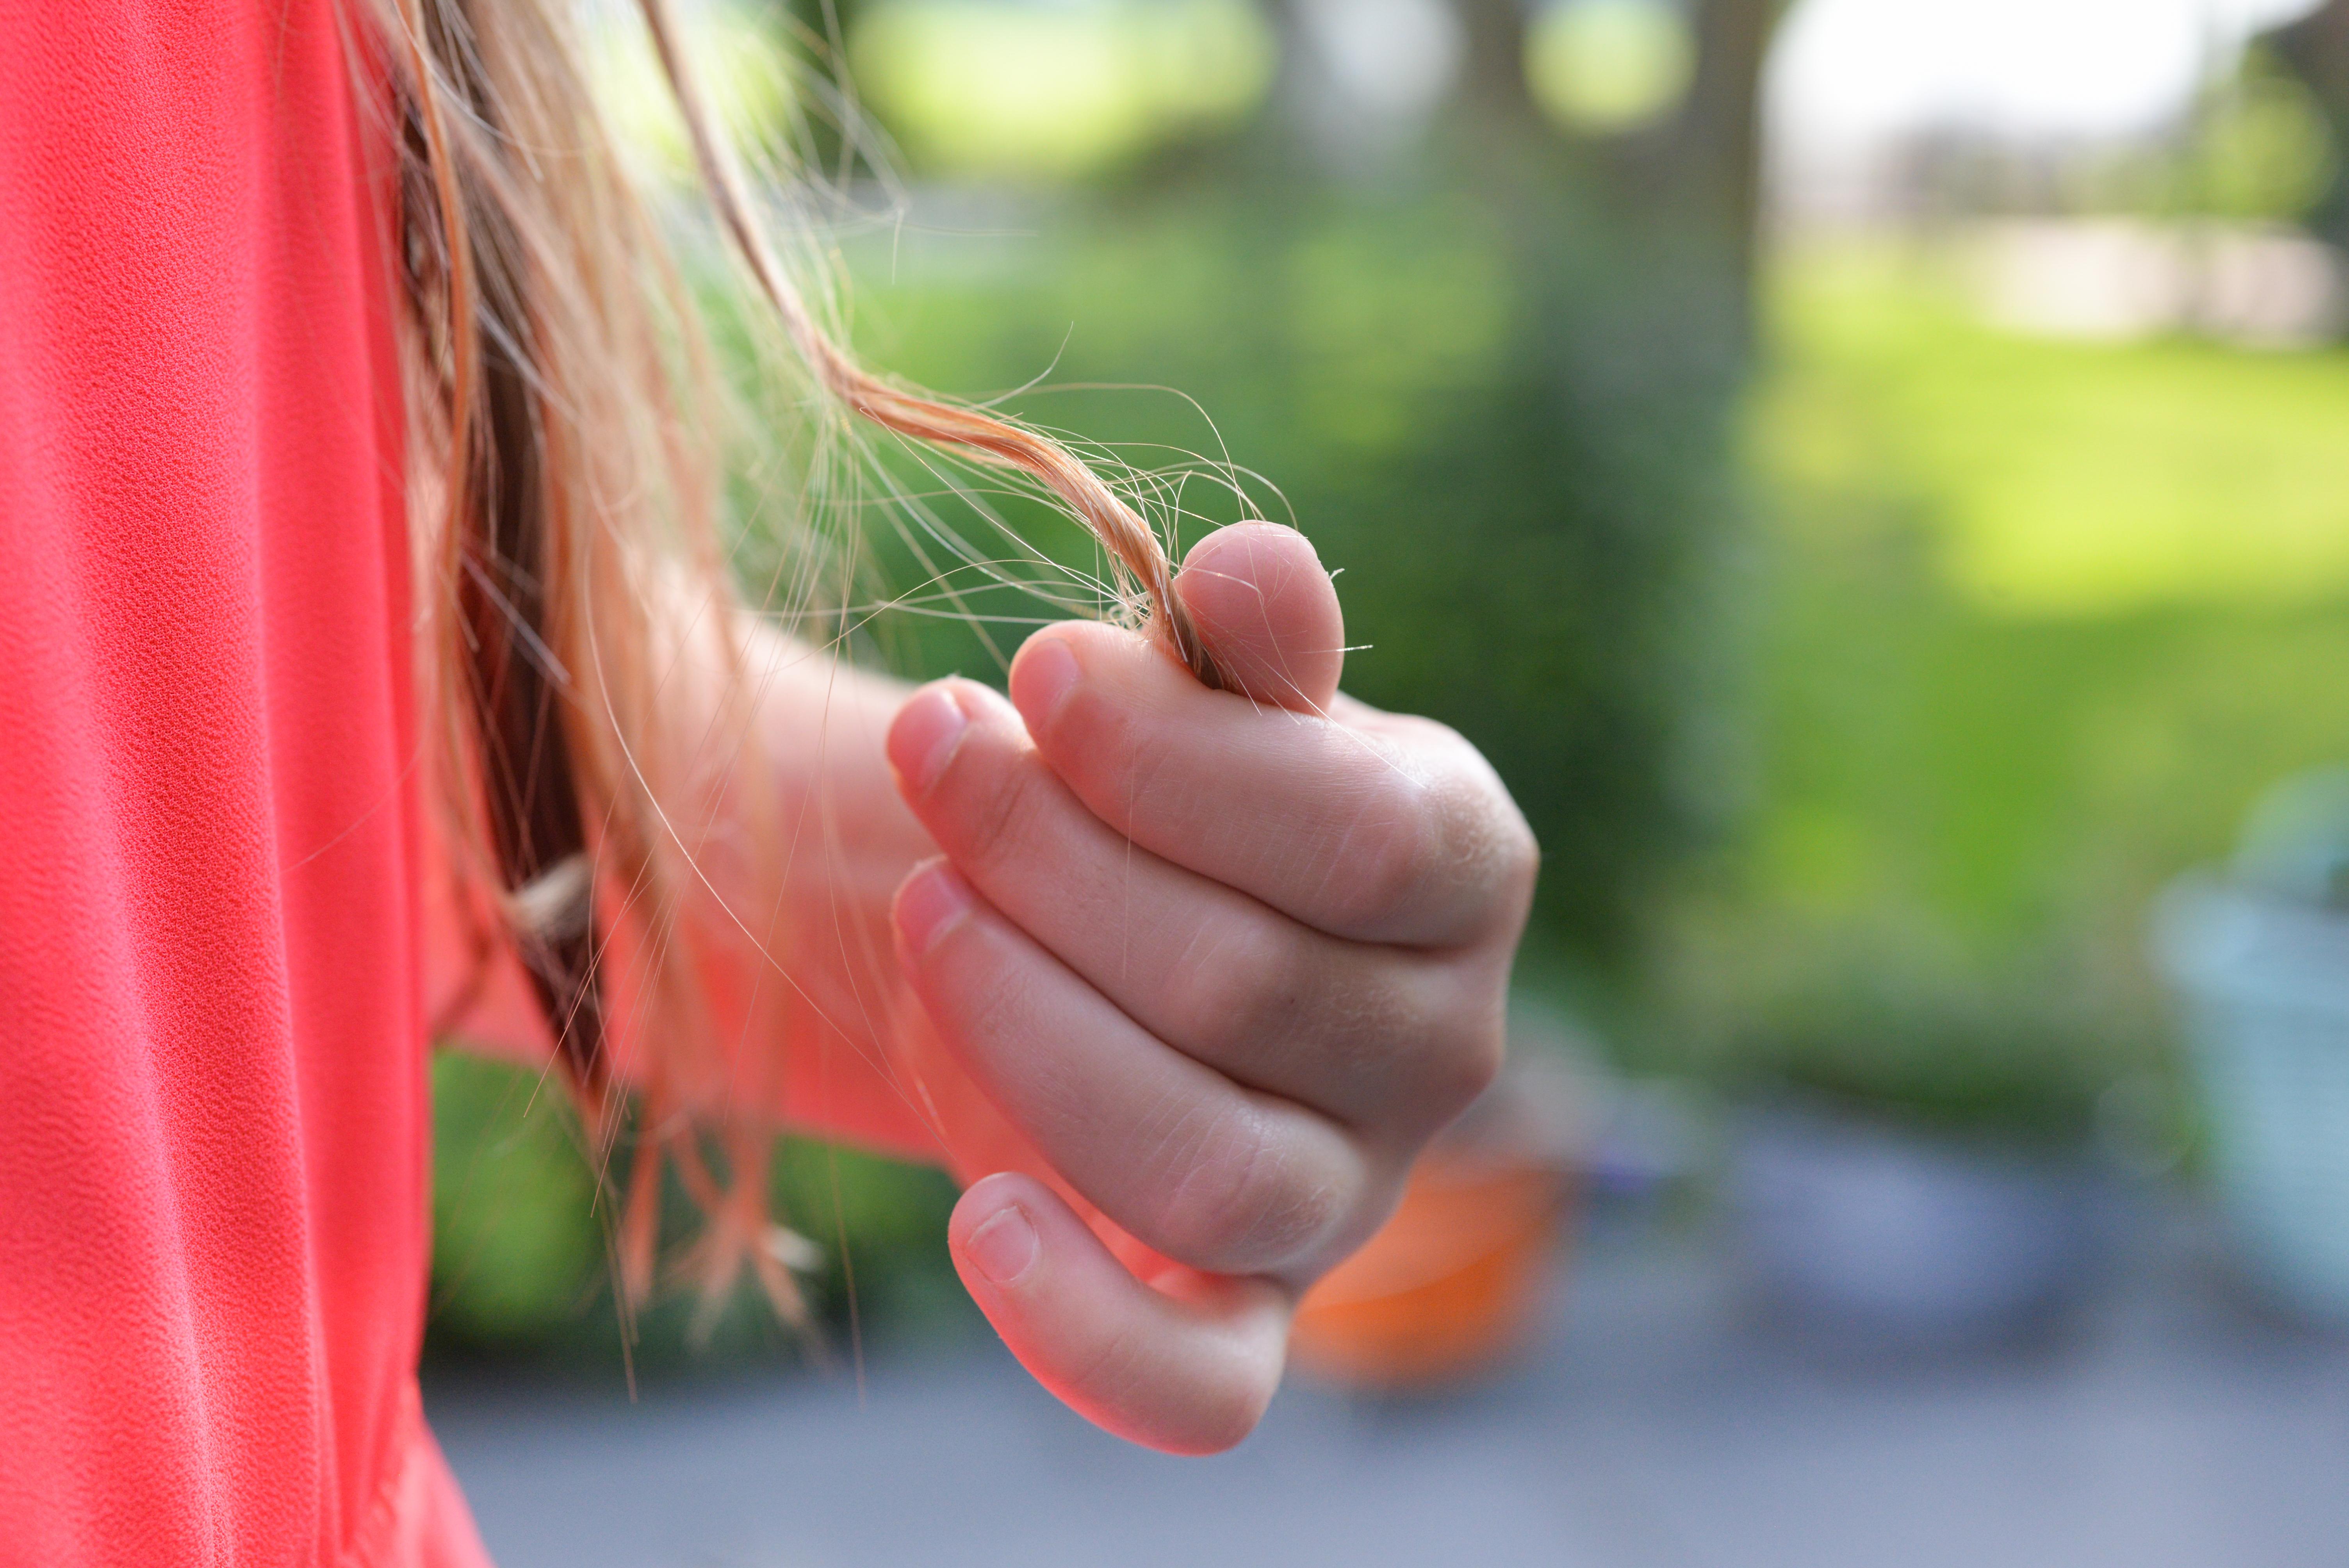 106892 скачать обои Разное, Рука, Волосы, Пальцы, Девушка - заставки и картинки бесплатно